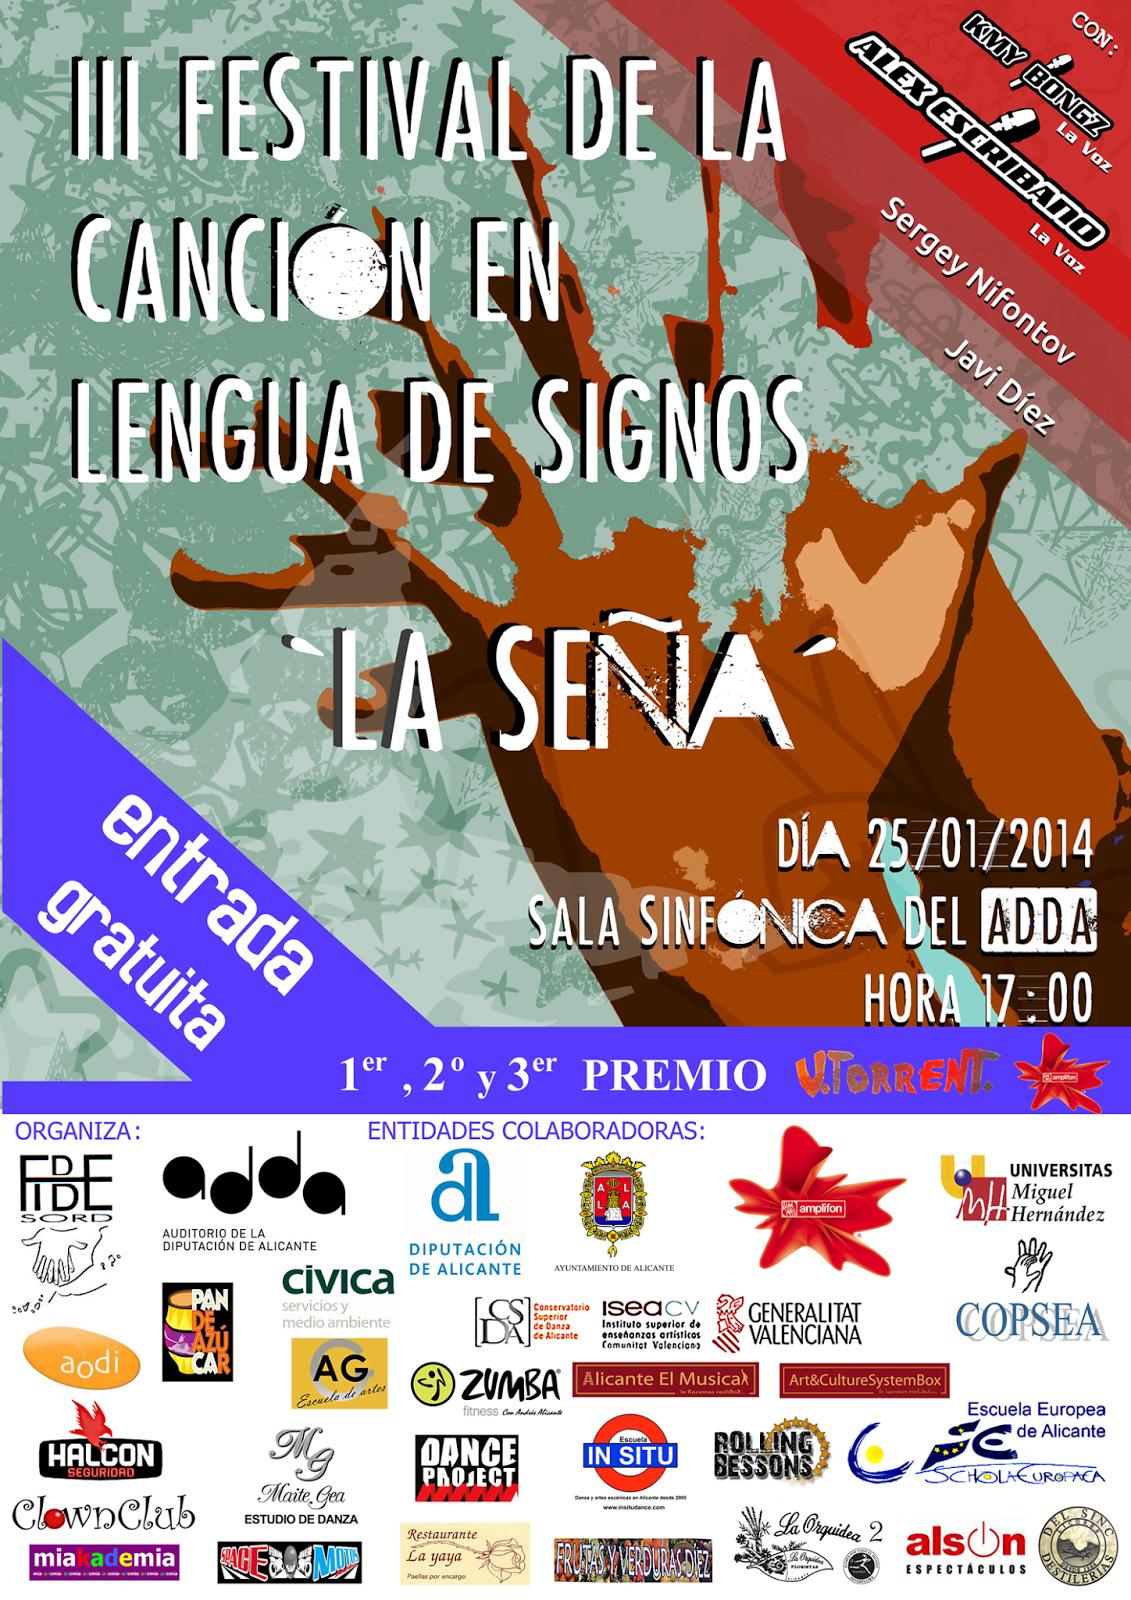 III FESTIVAL DE LA CANCIÓN EN LENGUA DE SIGNOS - Alicante 25/01/14 Cartel_Lengua_Signos_Por_Capas_PNG_Final_Enero